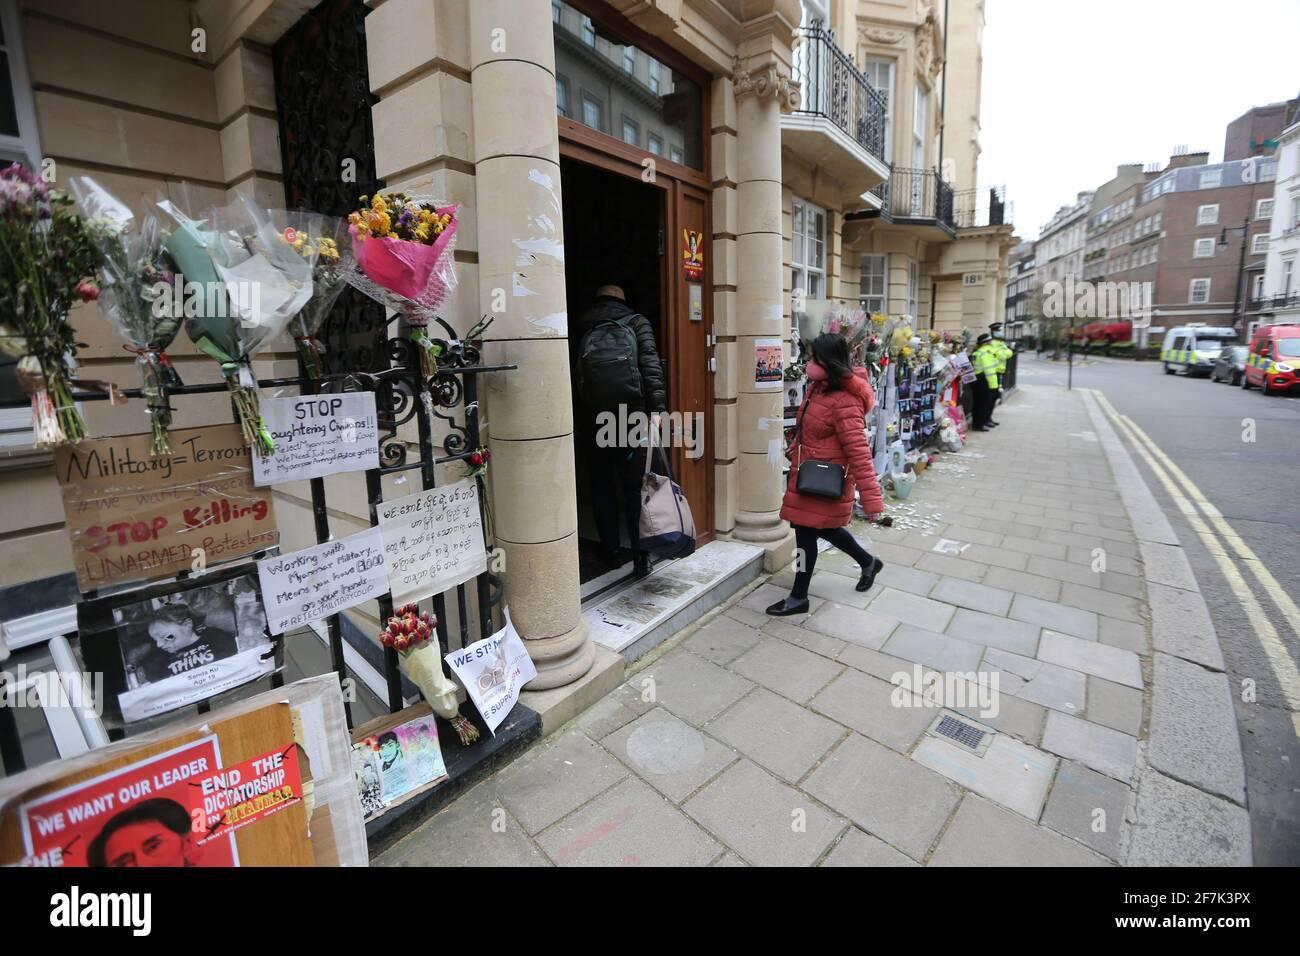 Londres, Angleterre, Royaume-Uni. 8 avril 2021. L'ambassade du Myanmar (Birmanie) est vue à Mayfair, Londres. Hier, l'ambassadeur du Myanmar au Royaume-Uni, Kyaw Zwar min, et certains membres du personnel ont été enfermés de sa propre ambassade par son attaché militaire qui a pris le contrôle des lieux. Credit: Tayfun Salci/ZUMA Wire/Alay Live News Banque D'Images